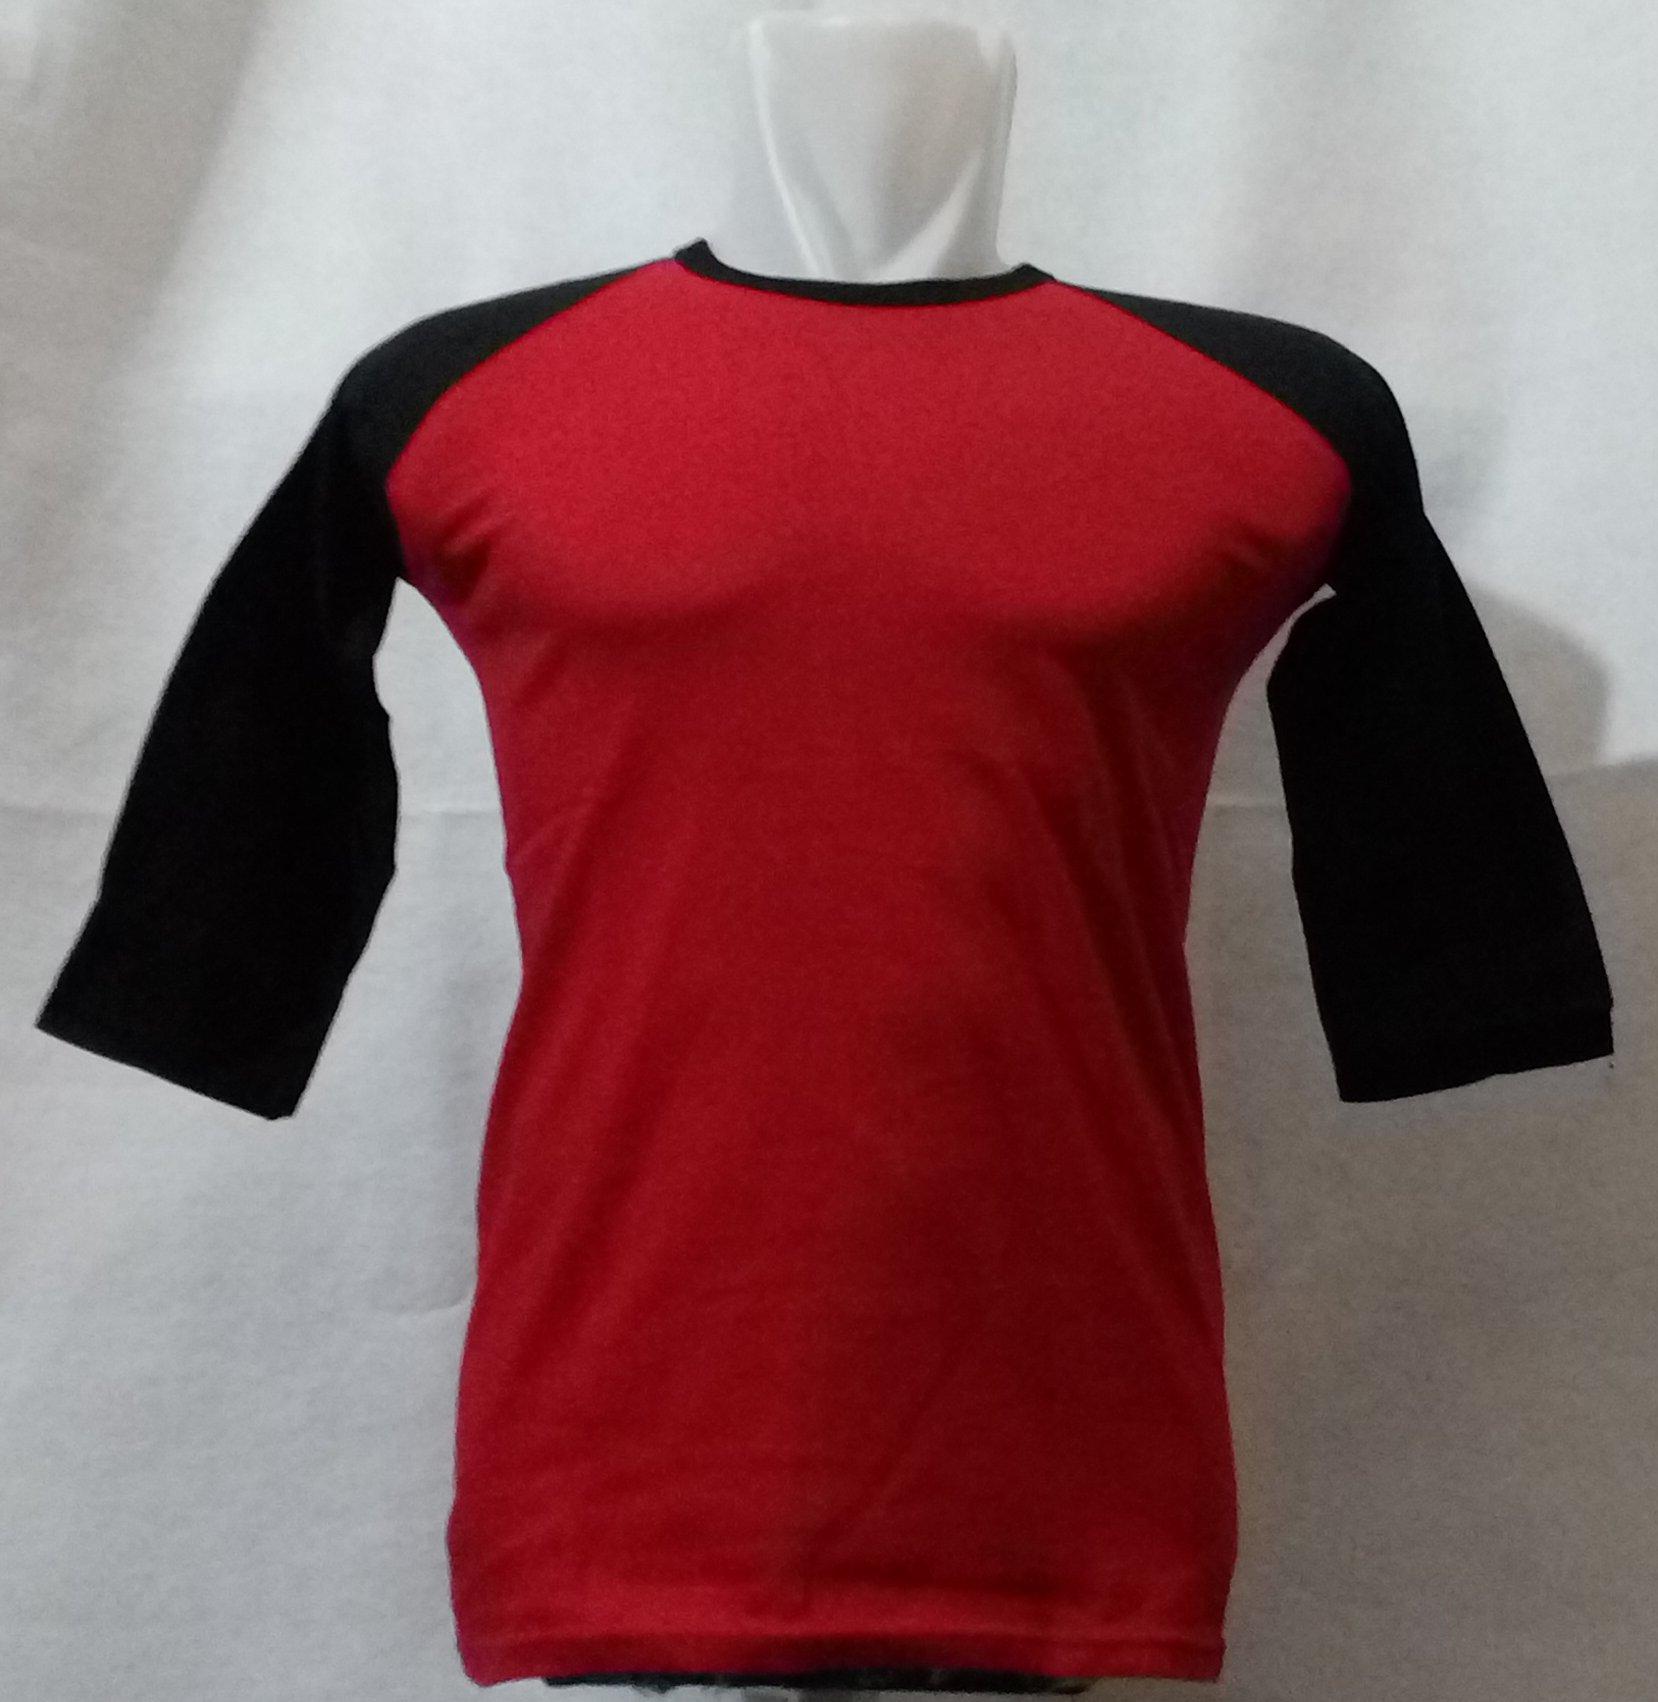 Jual Kaos Polos Raglan Warna Lengan 3 4 Cotton Combed 20s Ukuran Size Xl Panjang Xxxl Wahyushop1945 Tokopedia